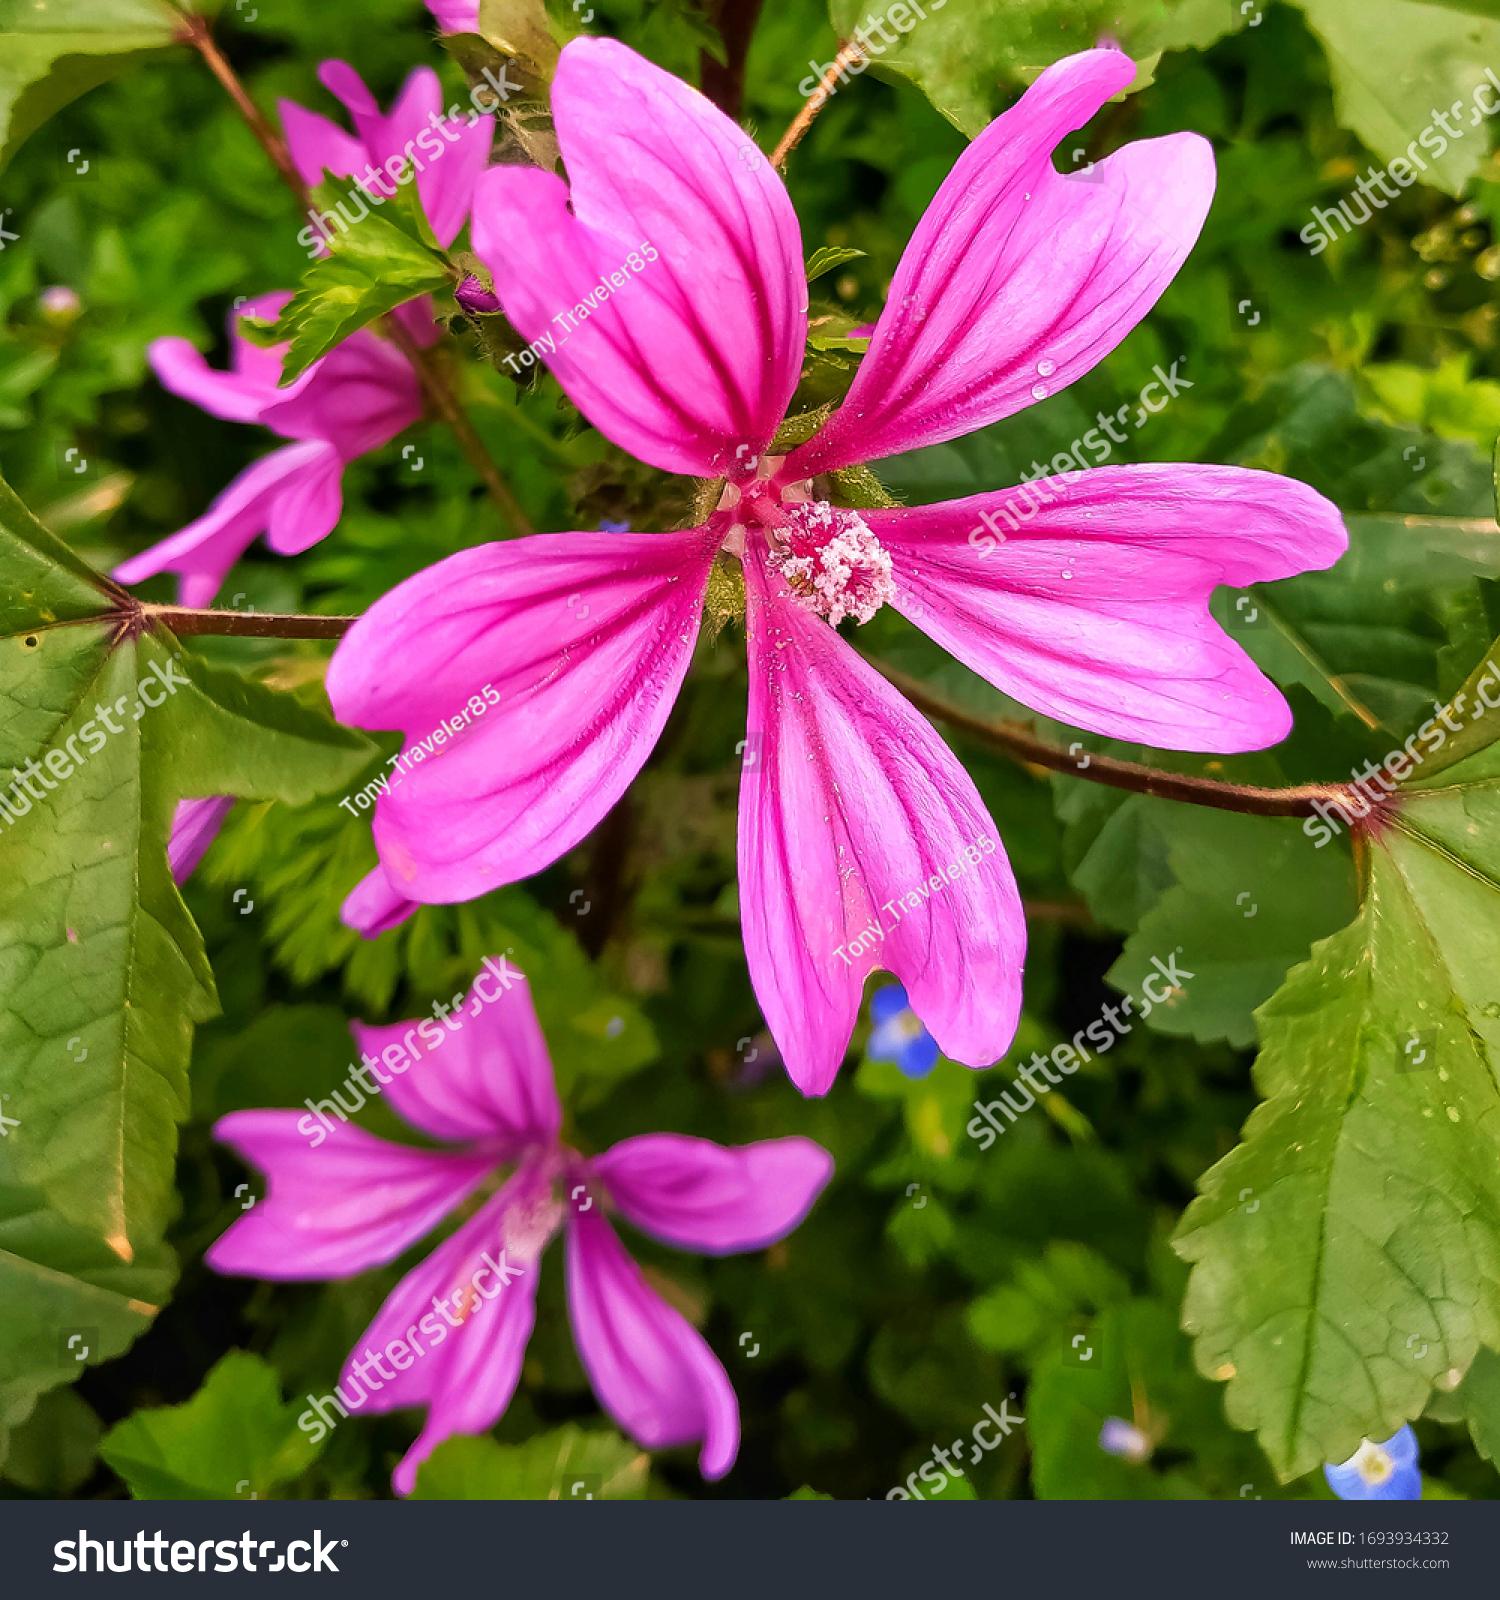 Häufig: eine Art von Mallow, auch bekannt als High, blue und Marsh Mallow, Käseblume, ist der botanische Name Malva sylvestris